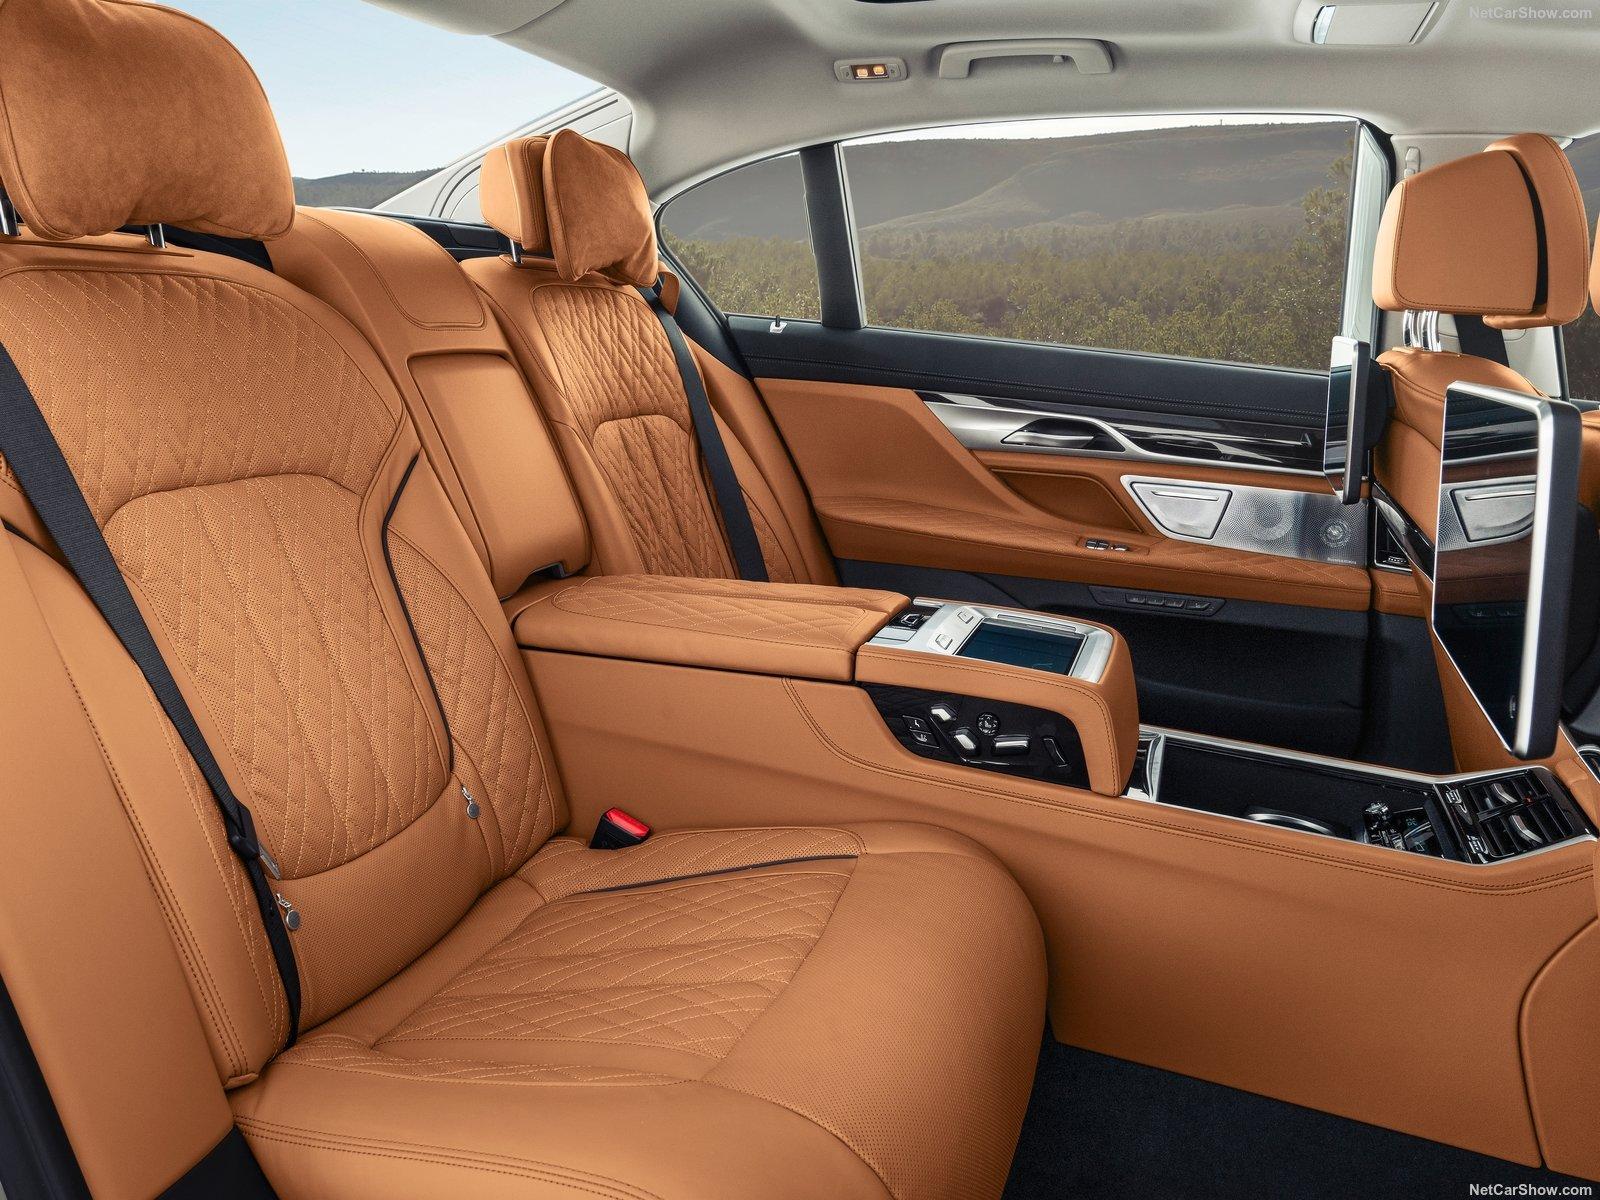 Nuova BMW Serie 7: quando il lusso non è mai abbastanza (Parte 3)